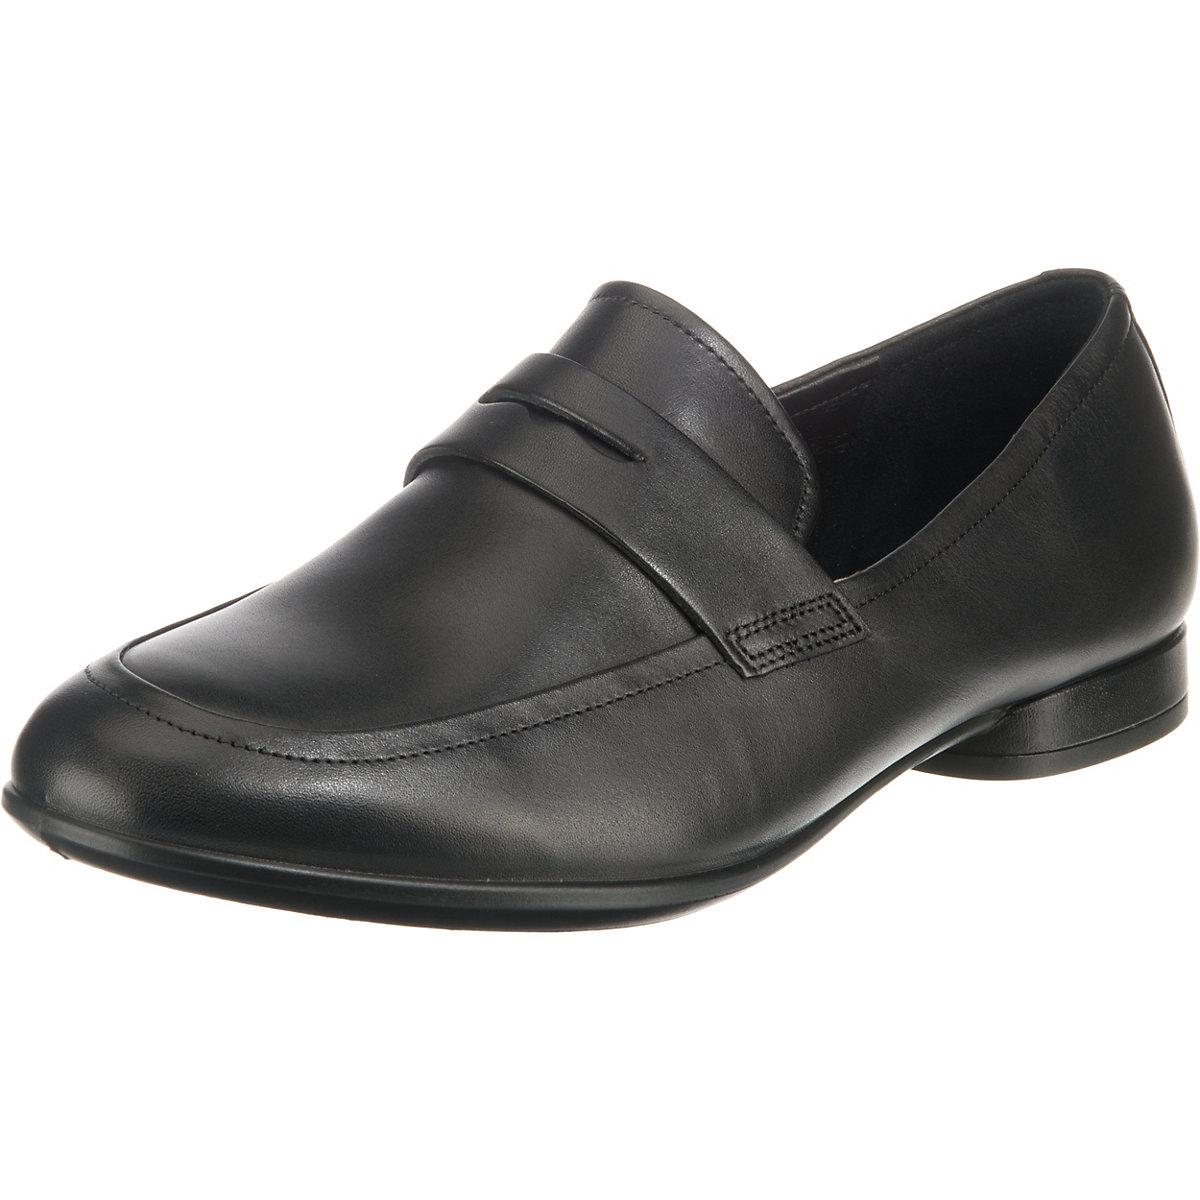 Ecco, Anine schwarz Dress Klassische Slipper, schwarz Modell 1  Gute Qualität beliebte Schuhe